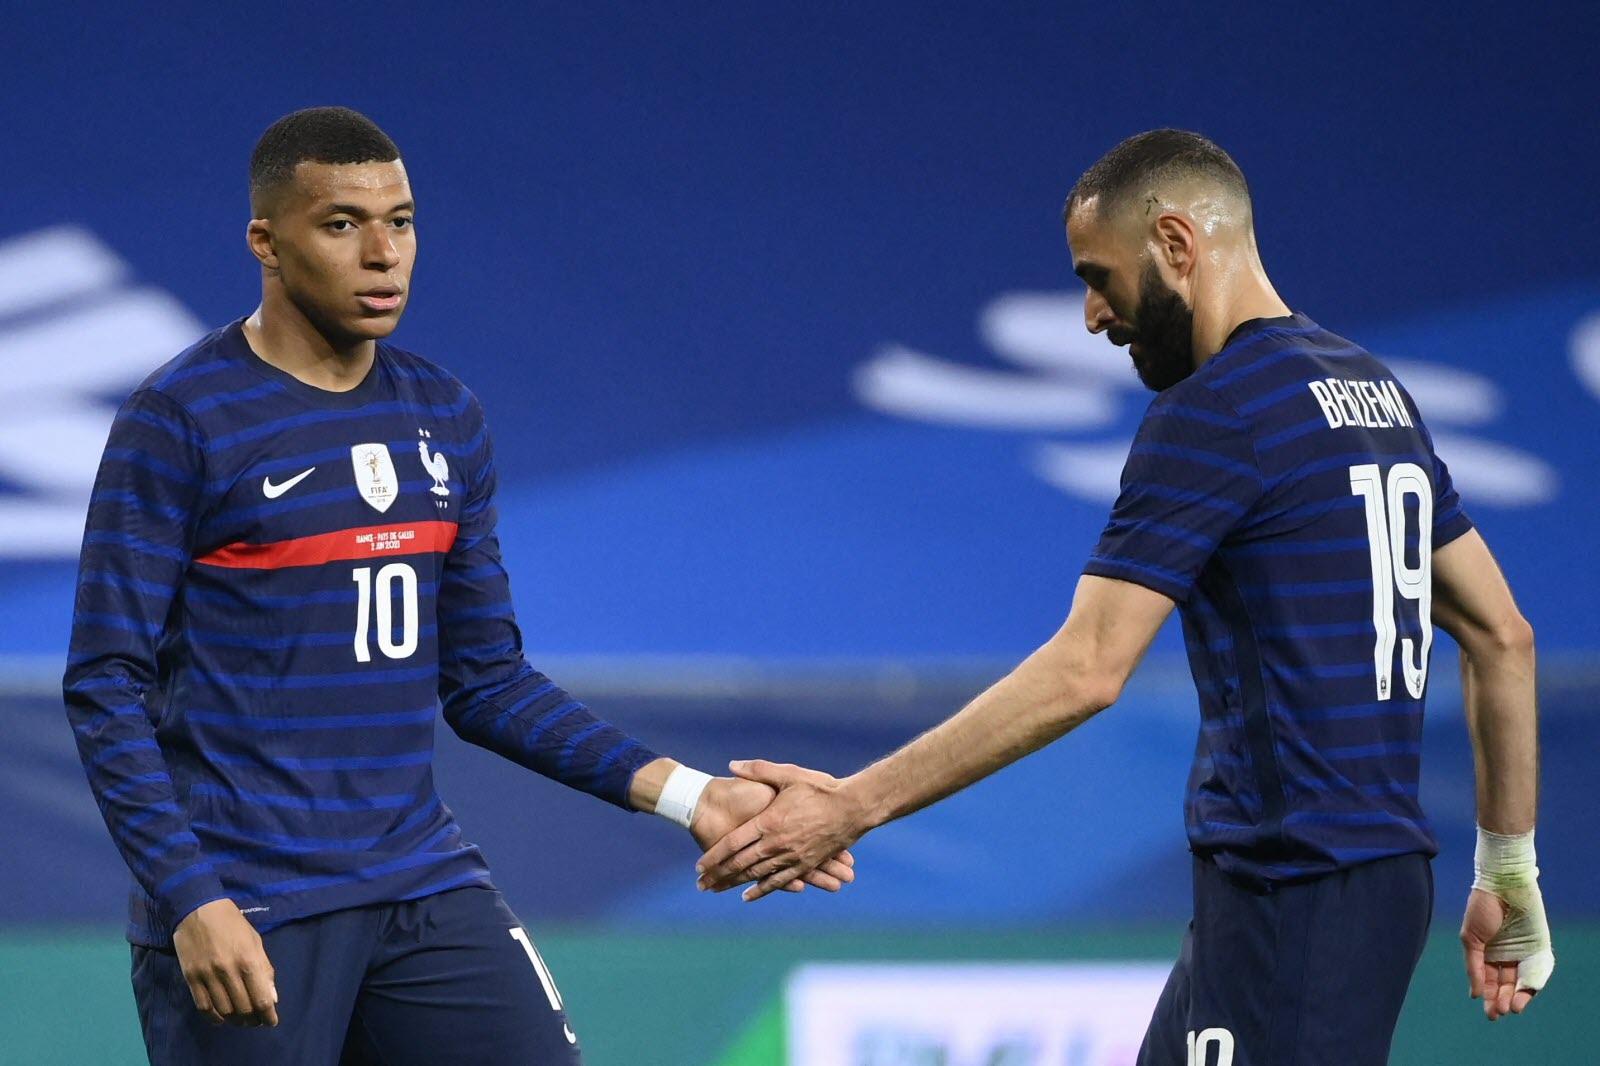 Benzema, auteur de 4 buts, n'a pas transmis sa réussite à Mbappé (10) durant le parcours des Bleus à l'Euro 2020.